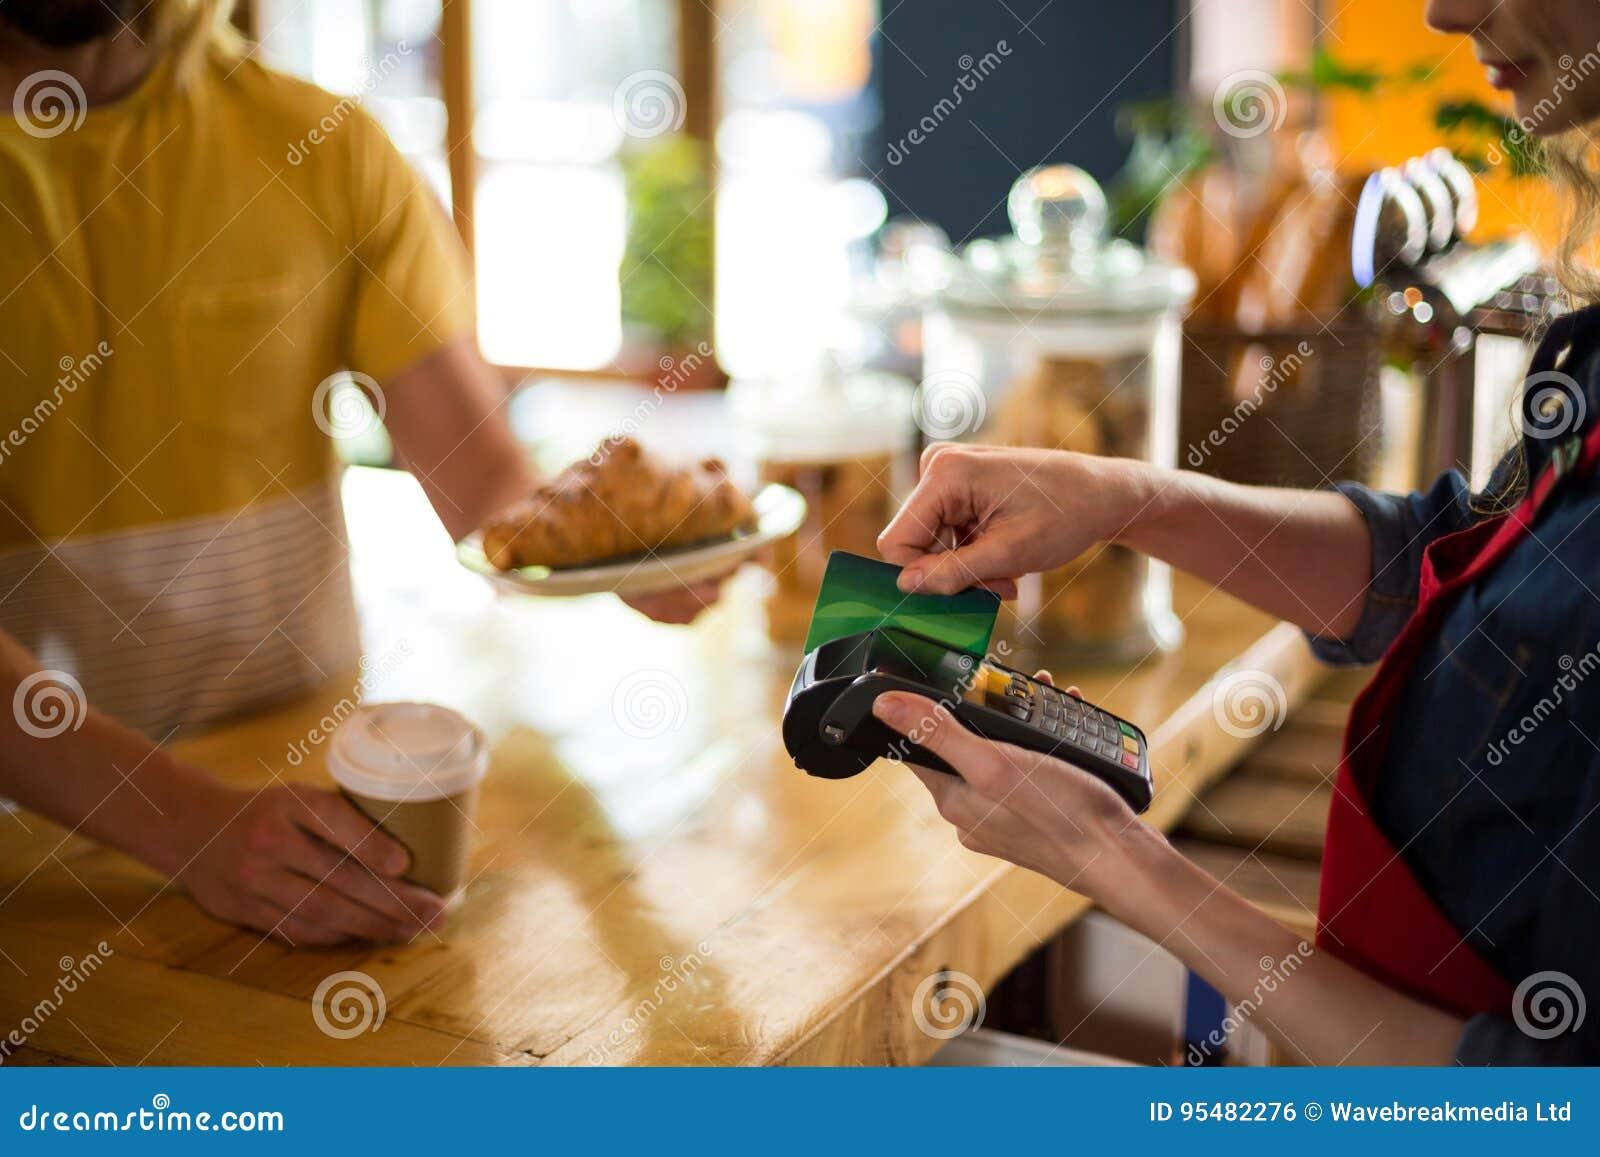 Klient robi zapłacie przez kredytowej karty przy kontuarem w café